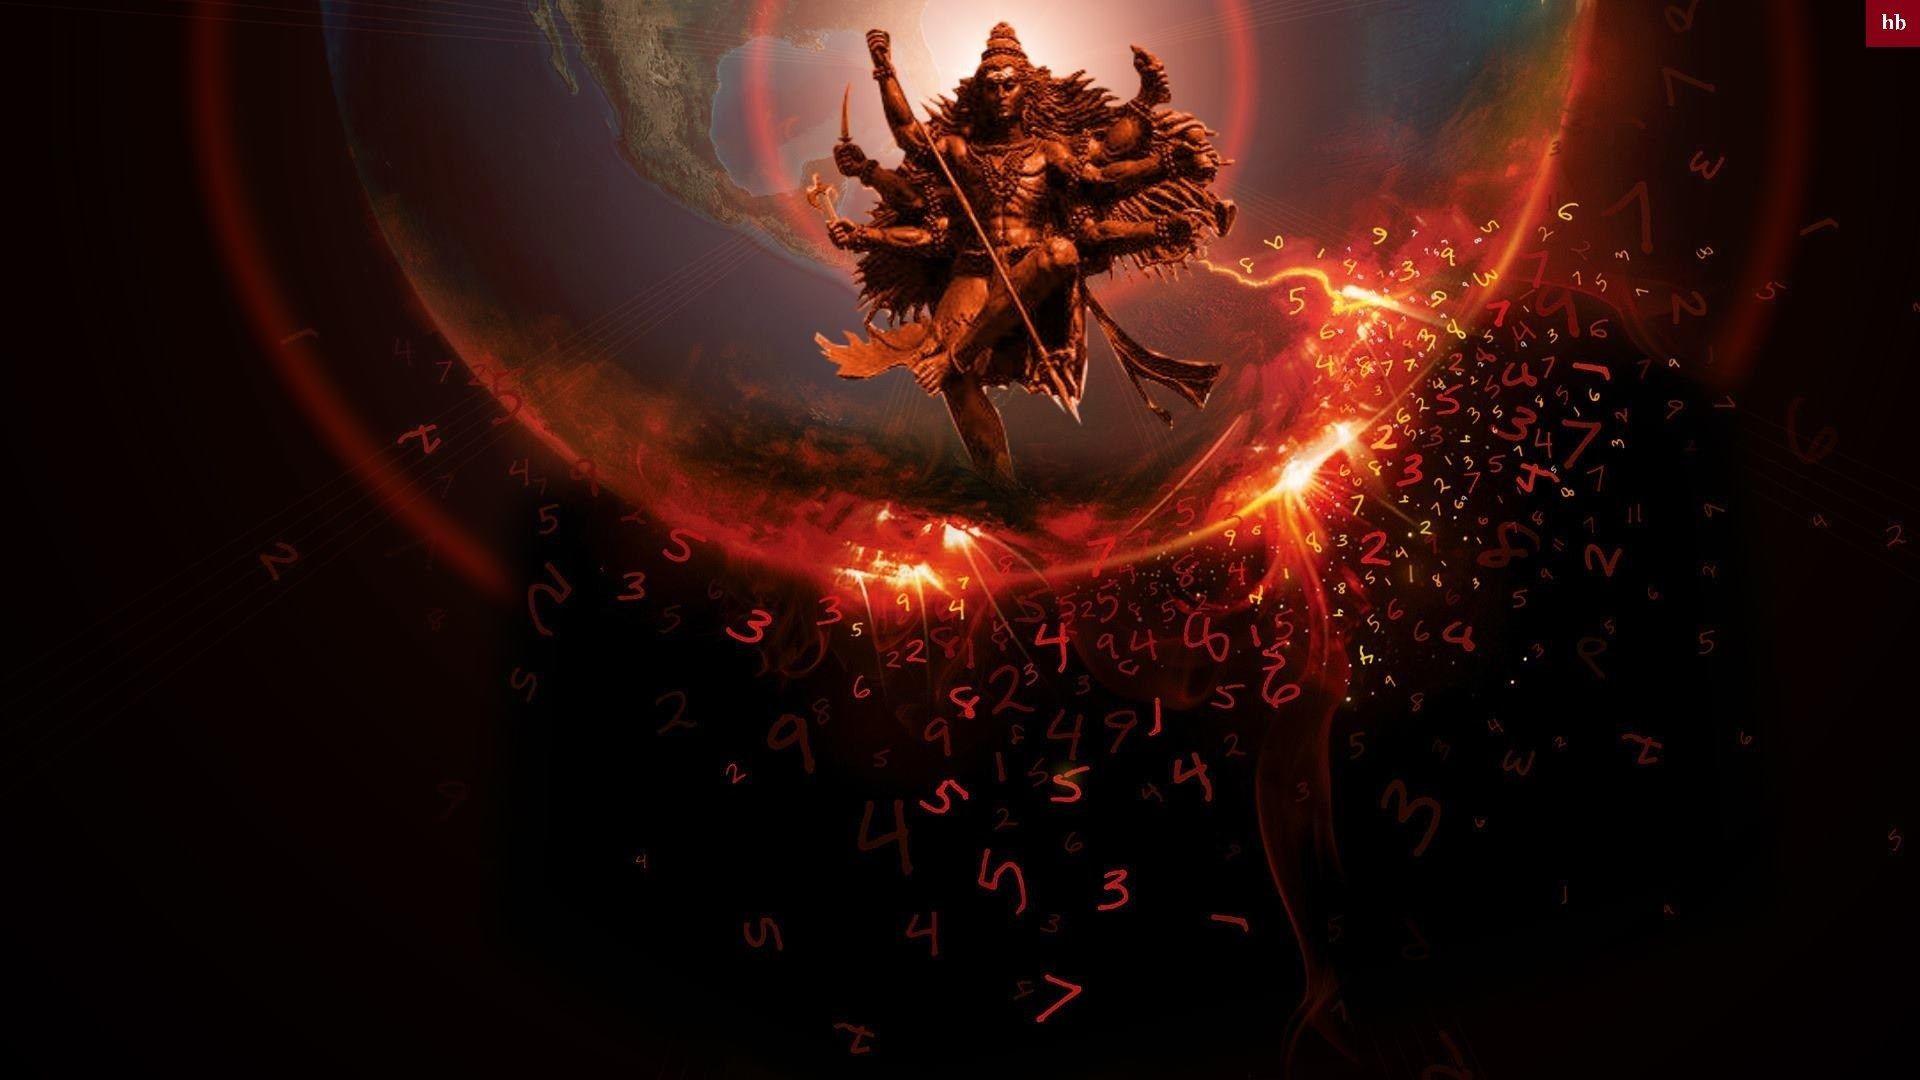 Mahakal Wallpaper 3d Rudra Shiva Lord Shiva Hd Wallpaper Shiva Angry